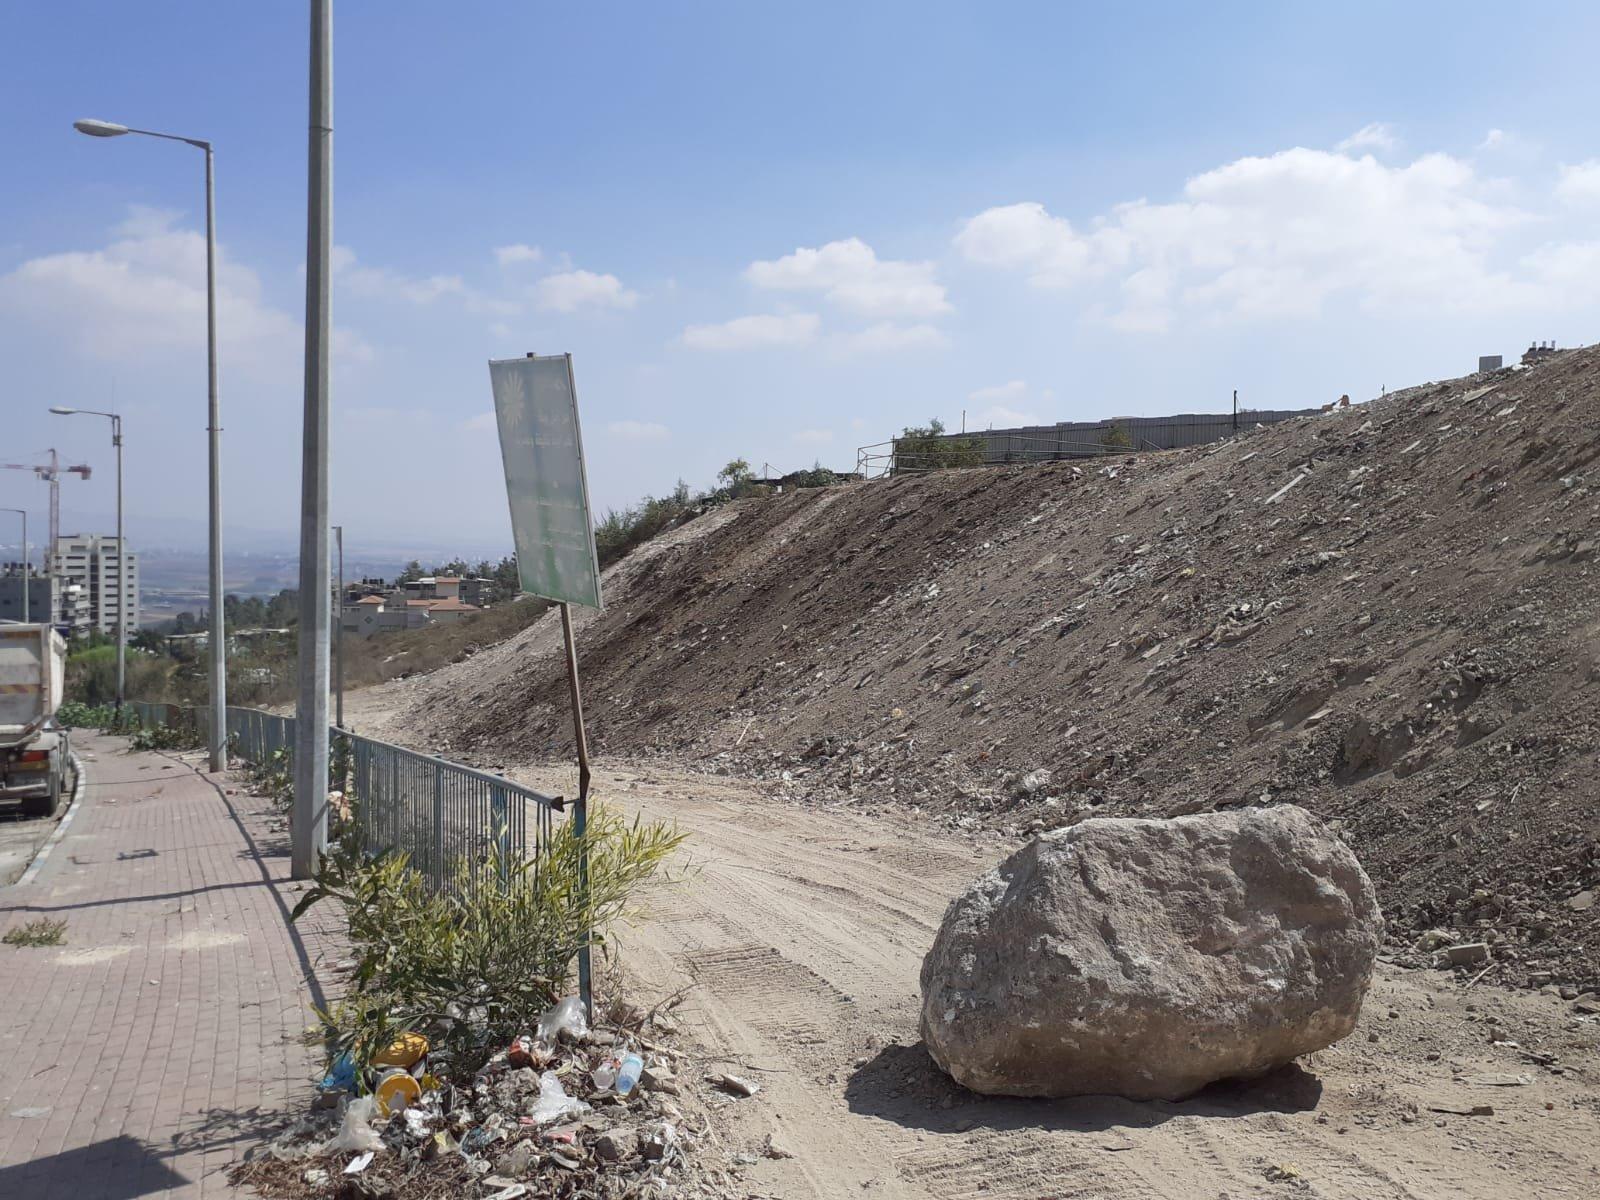 وحدة البيئة في بلدية الناصرة تحقق انجازات و مشاريع بيئية